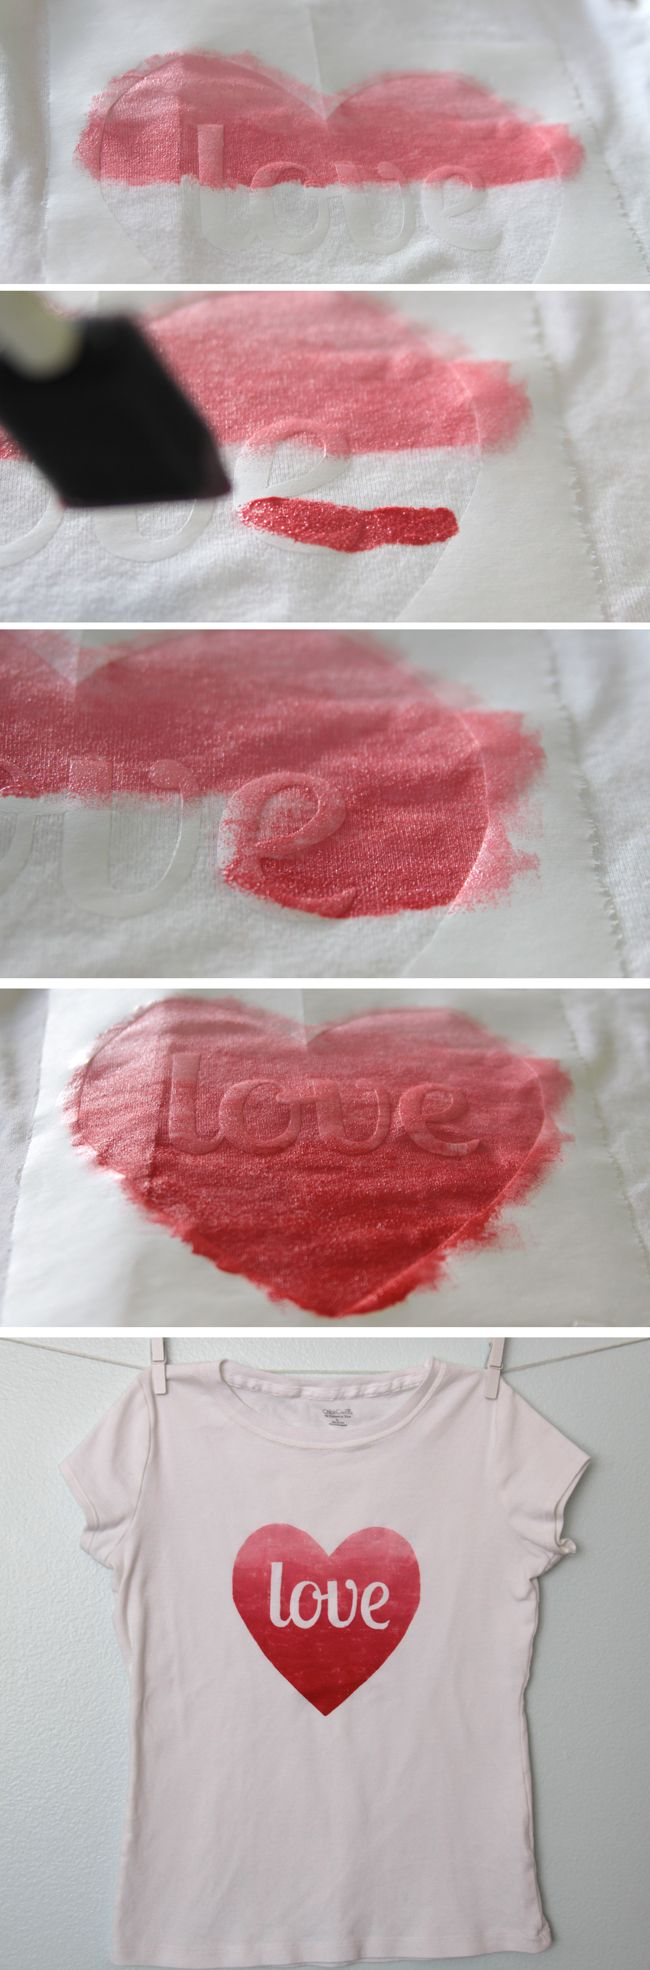 Playera con corazón love :: ombre heart tee {freezer paper stencil}